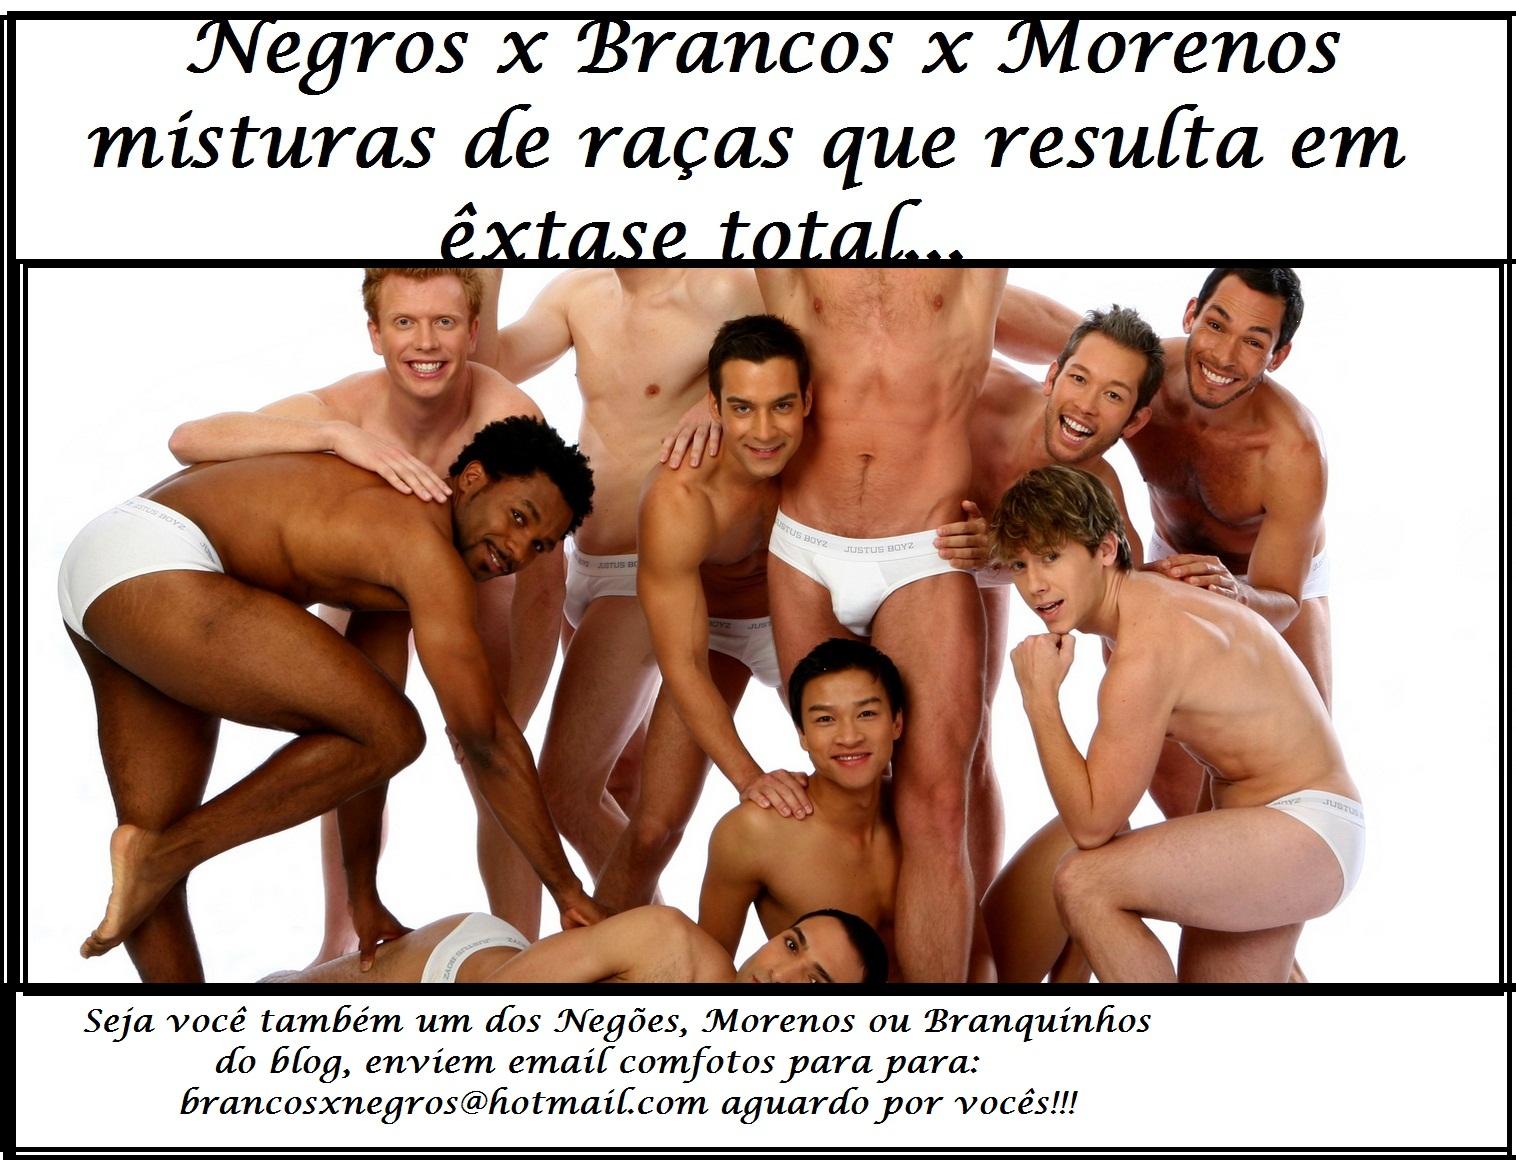 Negros x Brancos x Morenos misturas de raças que resulta em êxtase total